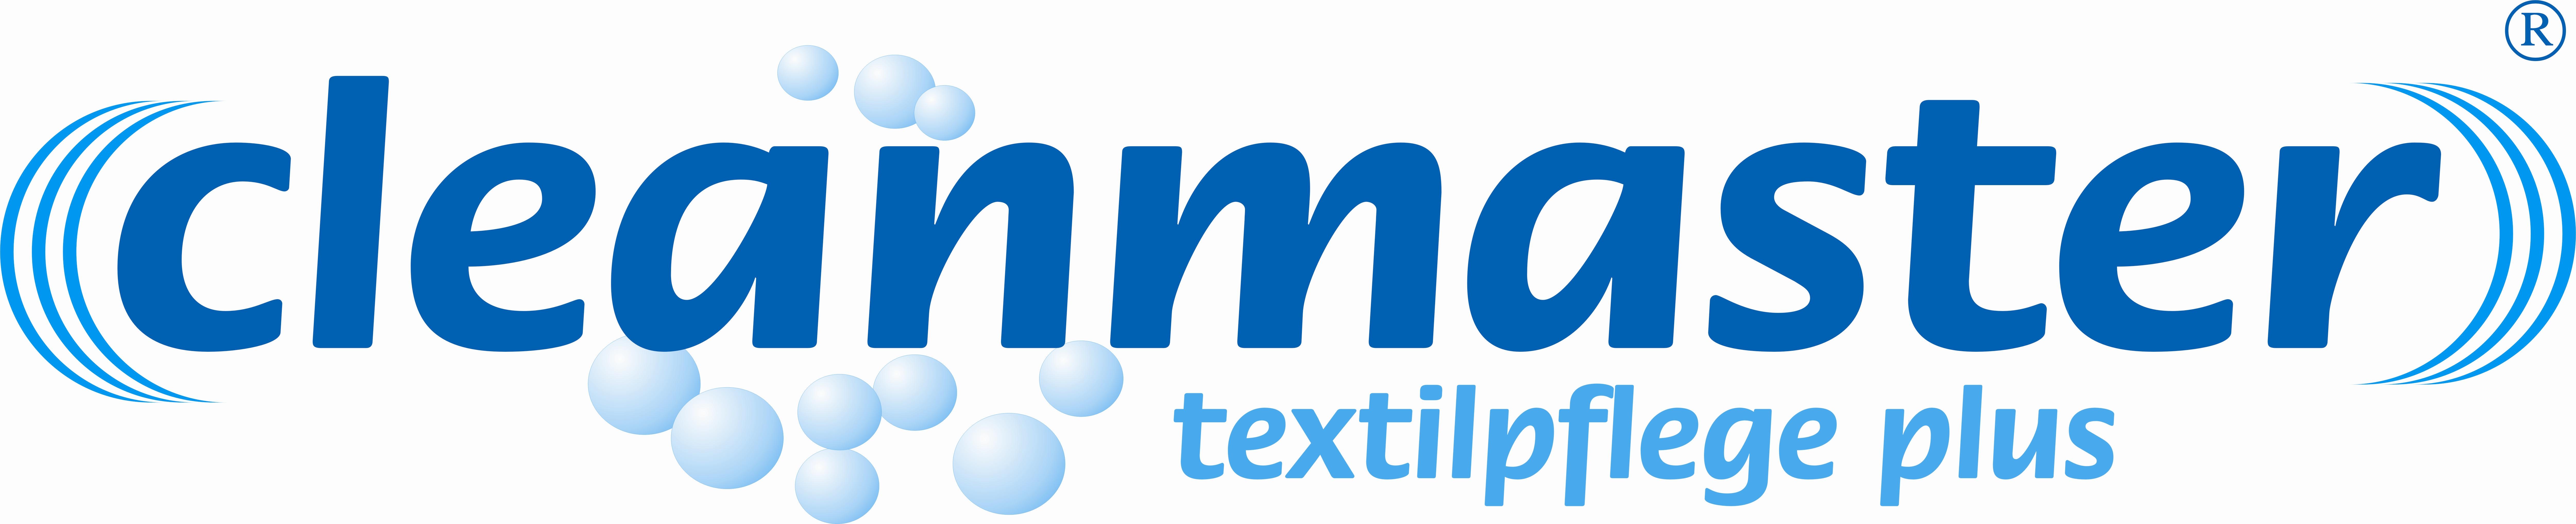 Cleanmaster Textilpflege